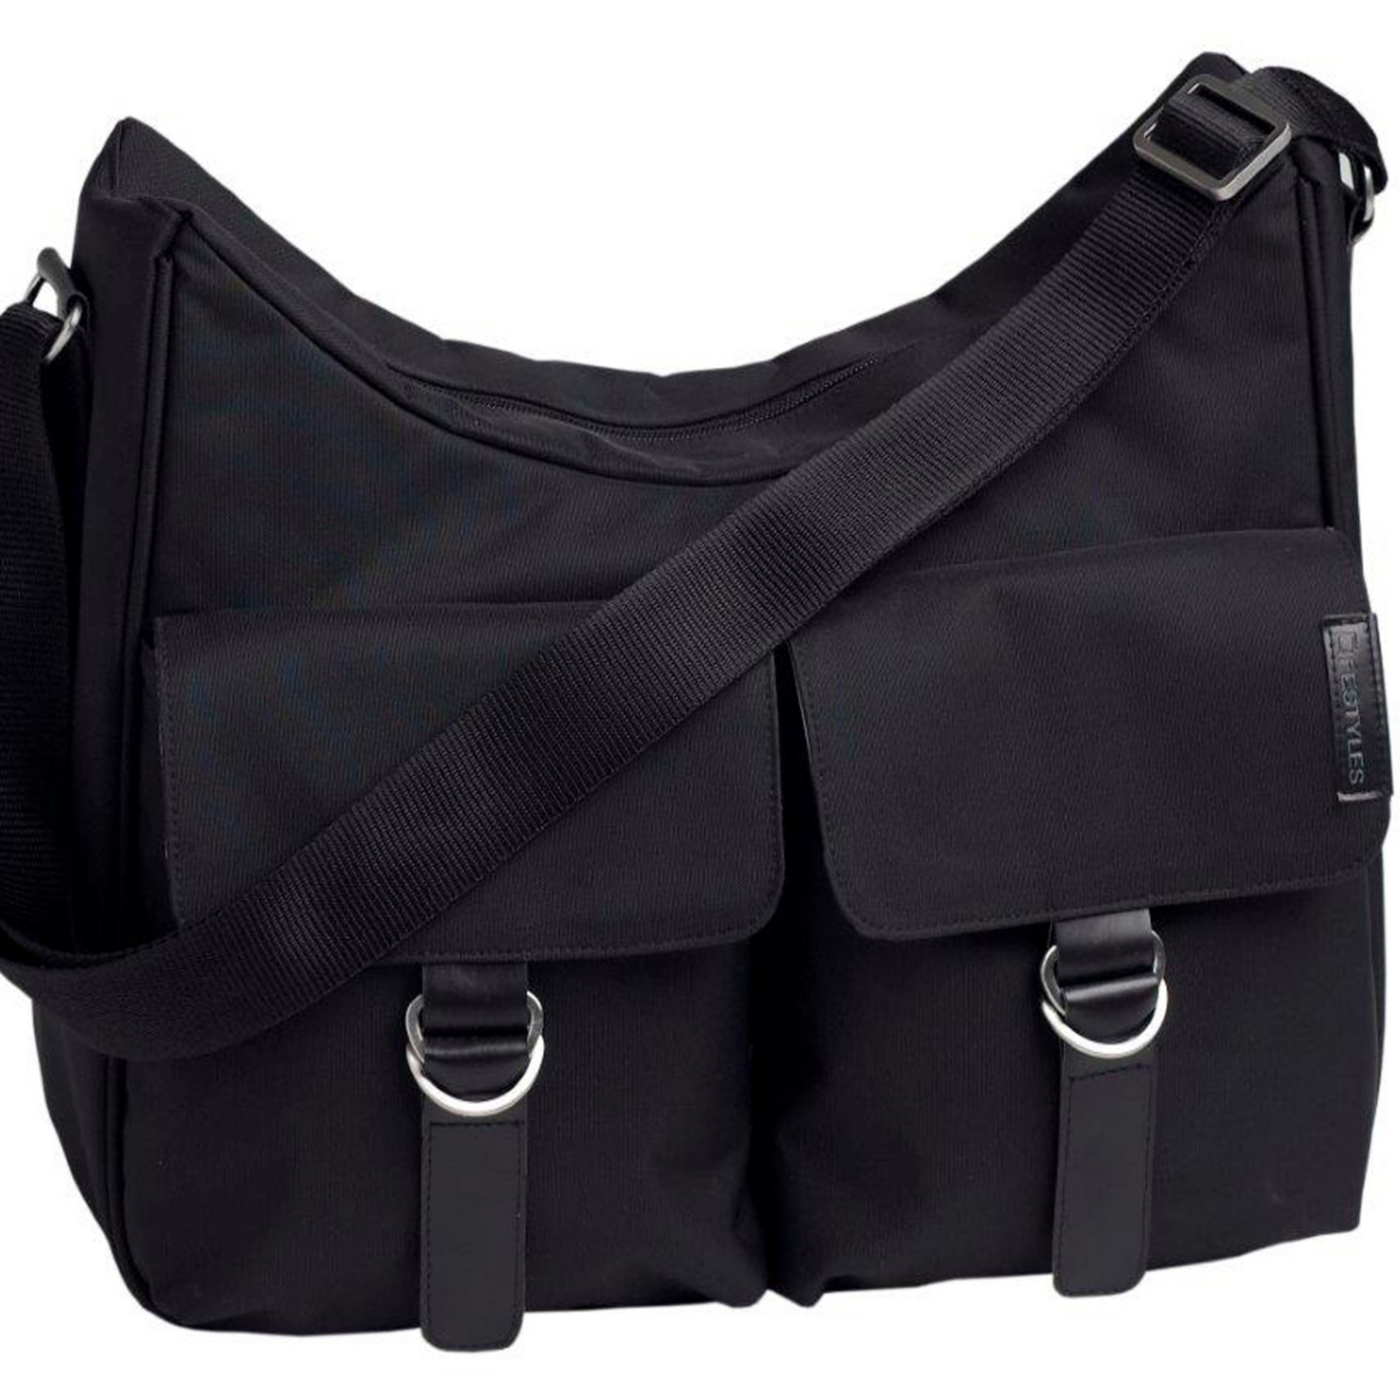 Shoulder Bag Asda 64